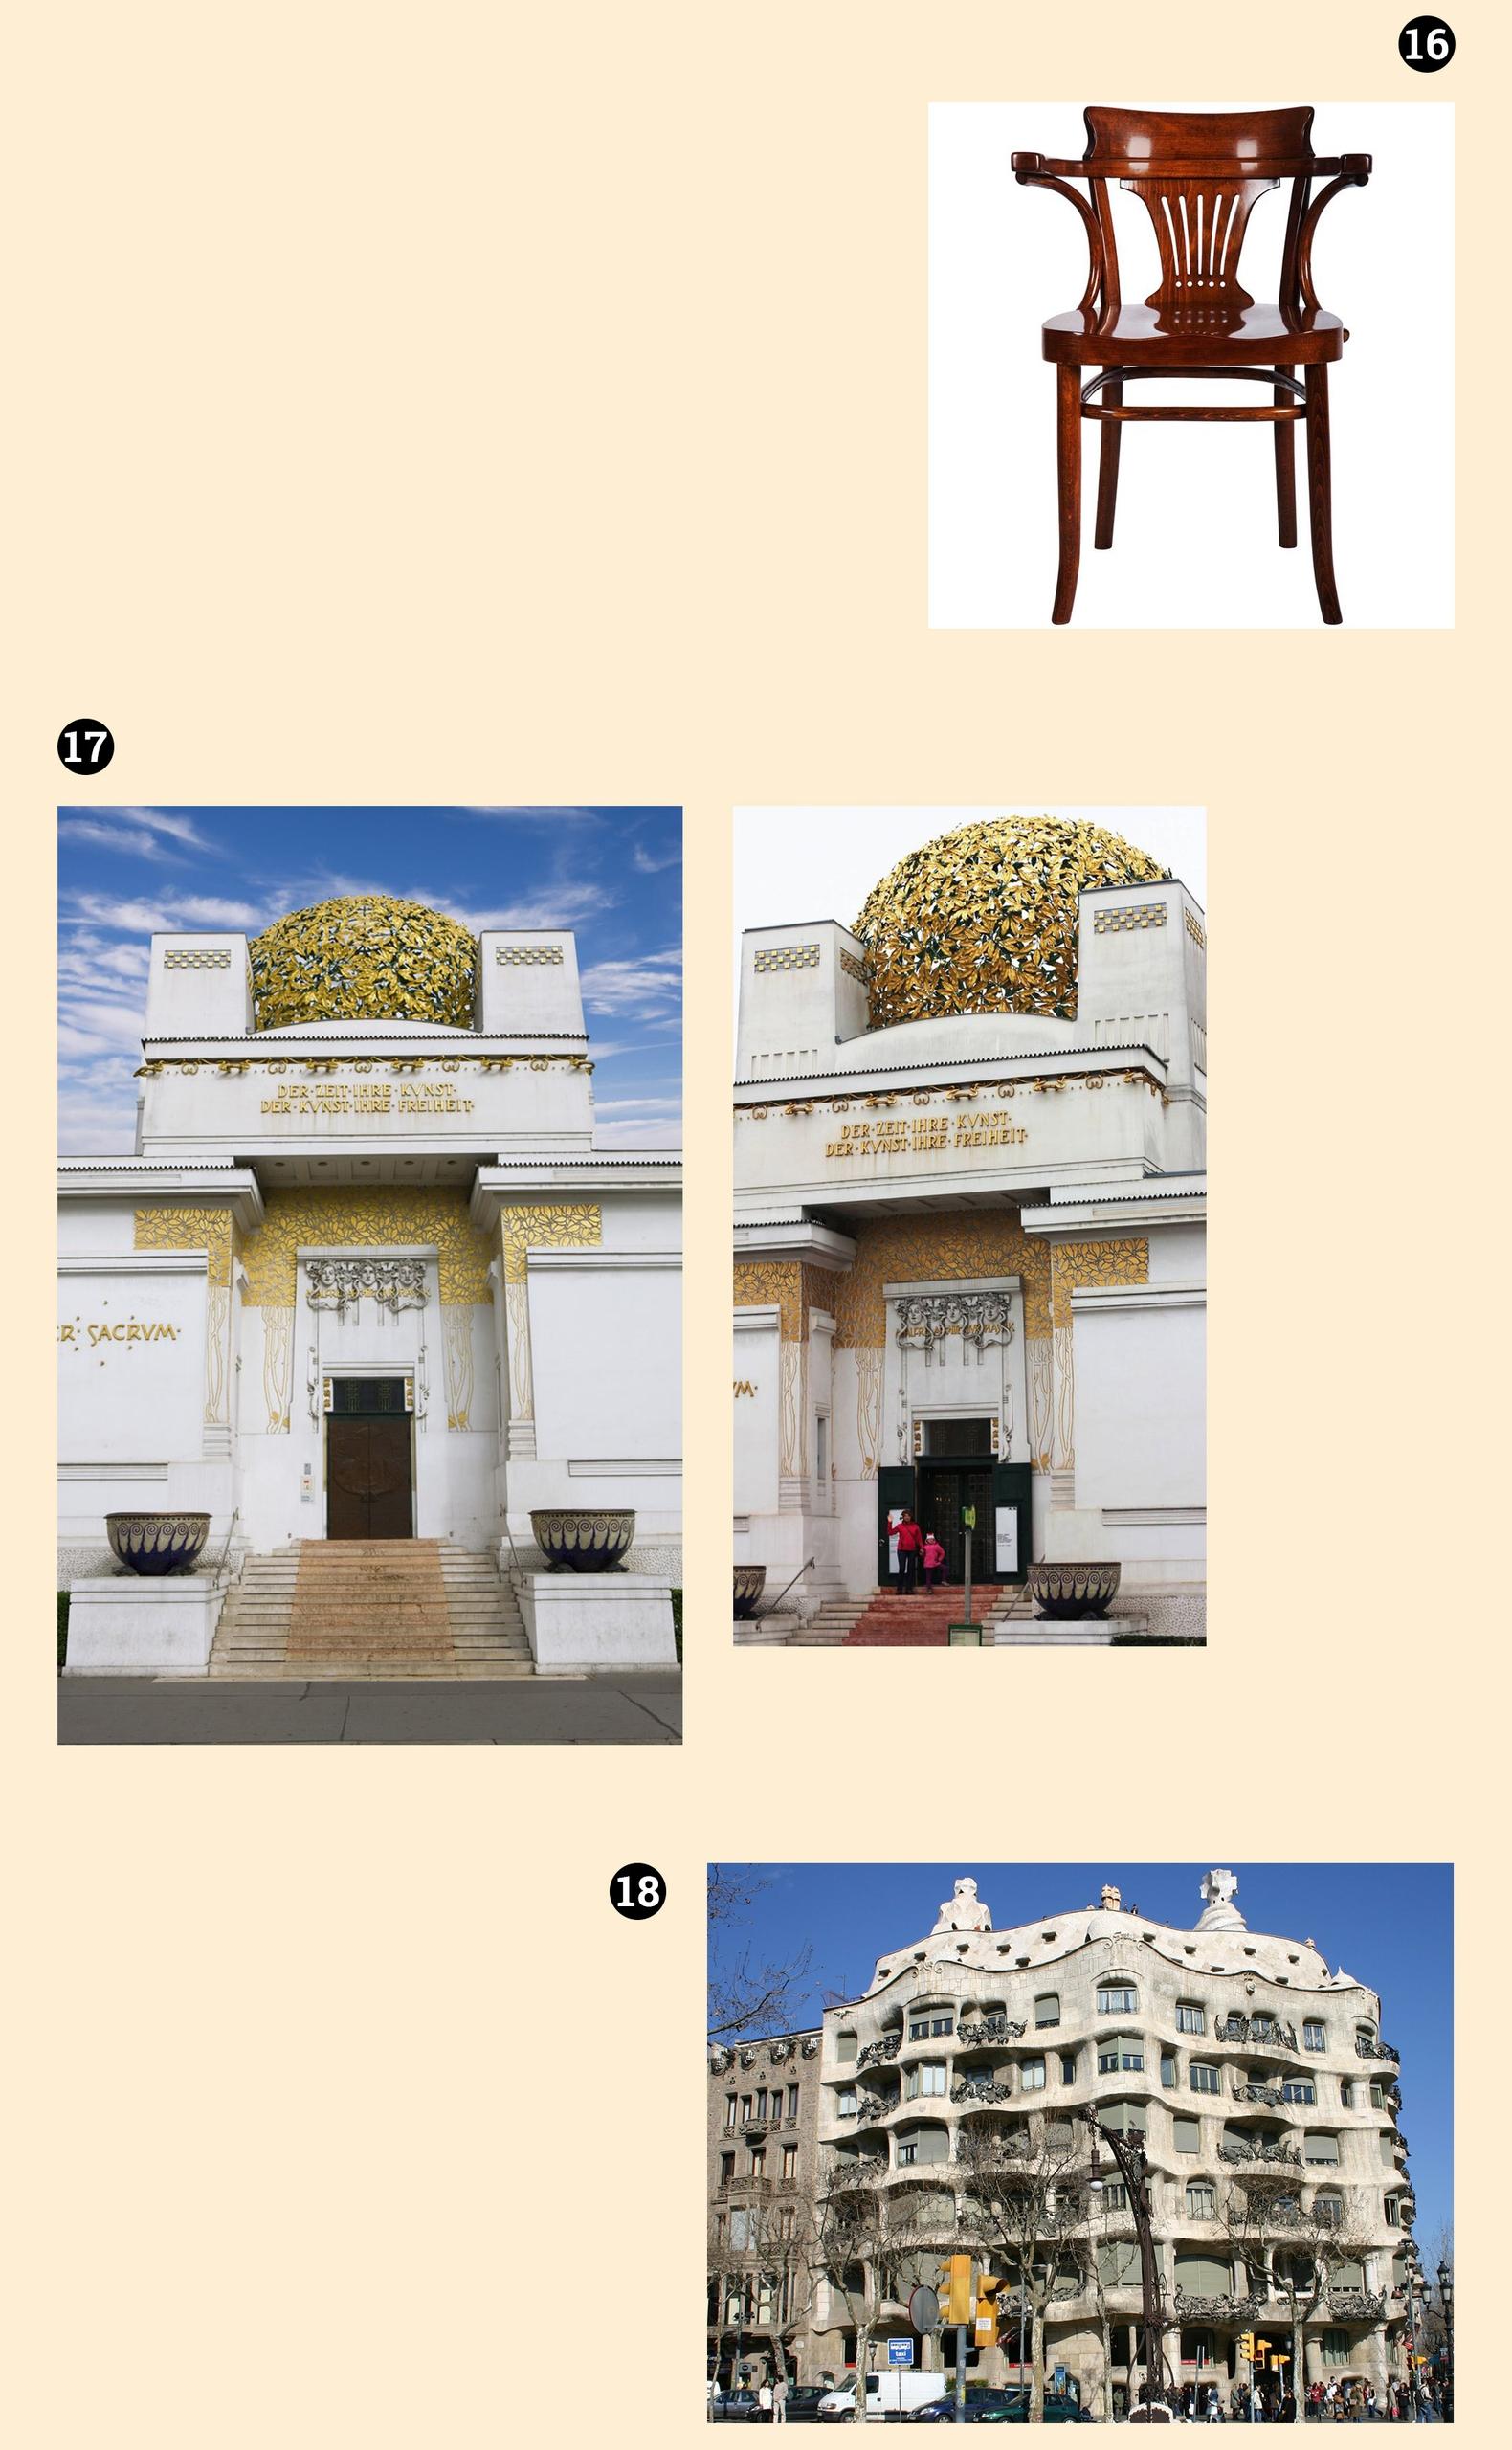 Obraz przedstawia trzy zdjęcia budowli i jedno zdjęcie krzesła. Całość na jasno-żółtym tle.